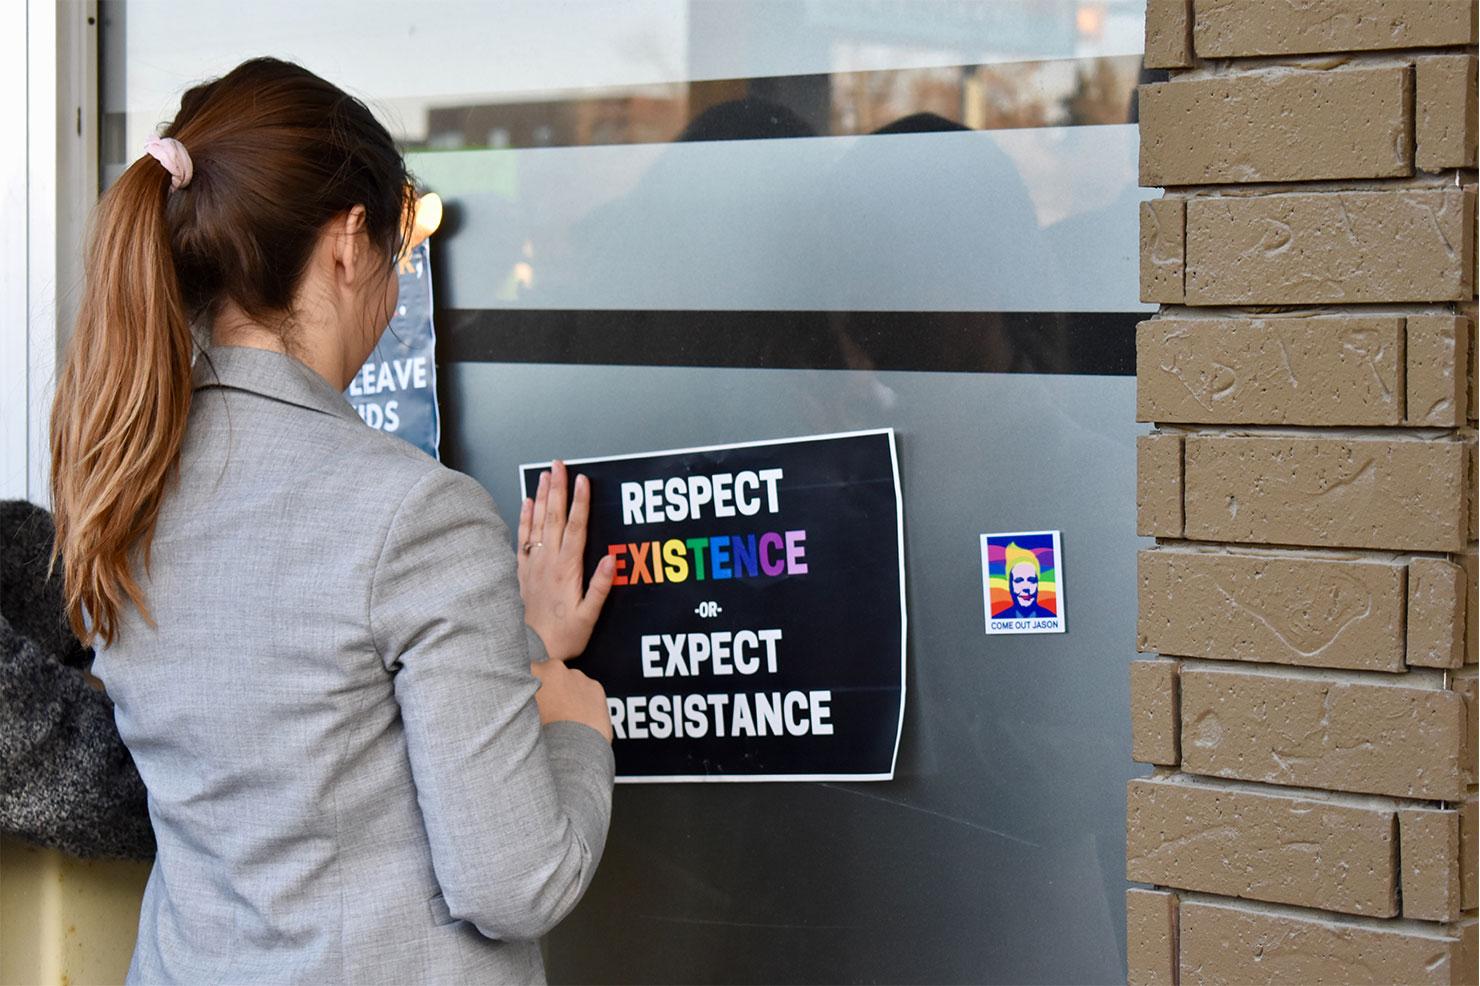 """Eine Person die an einem Fenster ein Plakat mit der Aufschrift """"Respect existence or expect resistance"""" anbringt."""